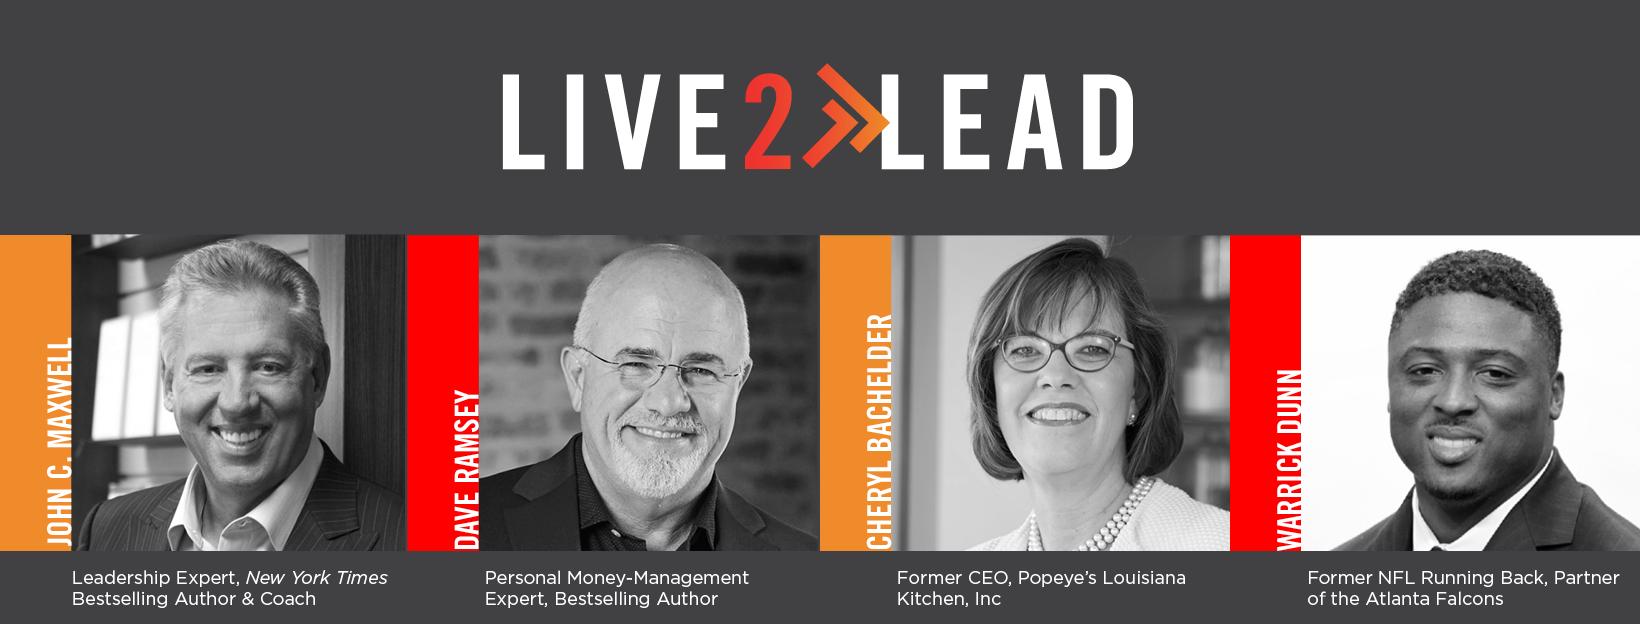 Live2Lead 2017 Speakers